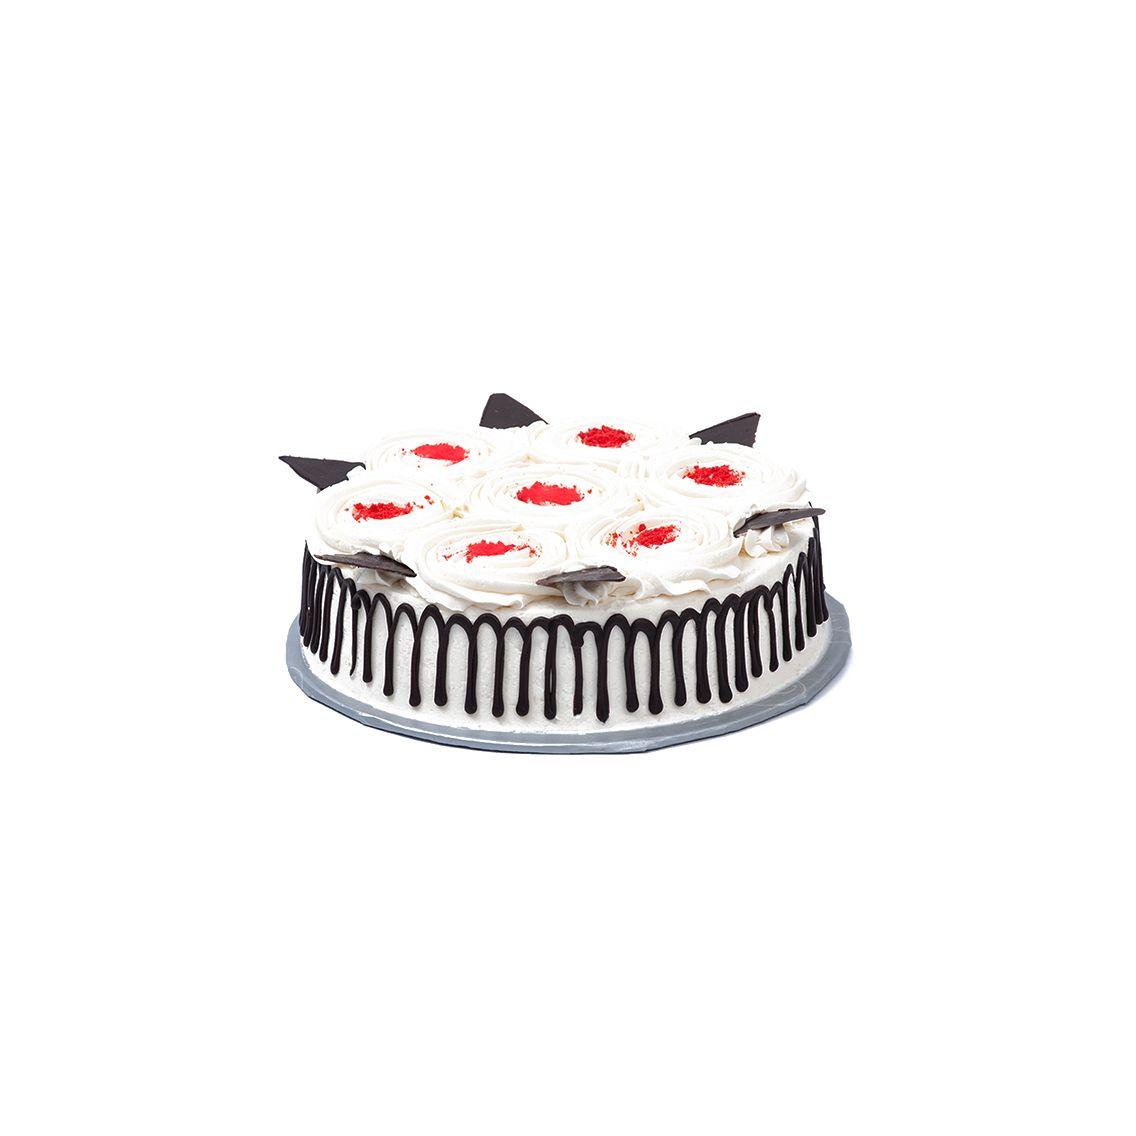 Kitchen Cuisine Default Category Red Velvet Cake